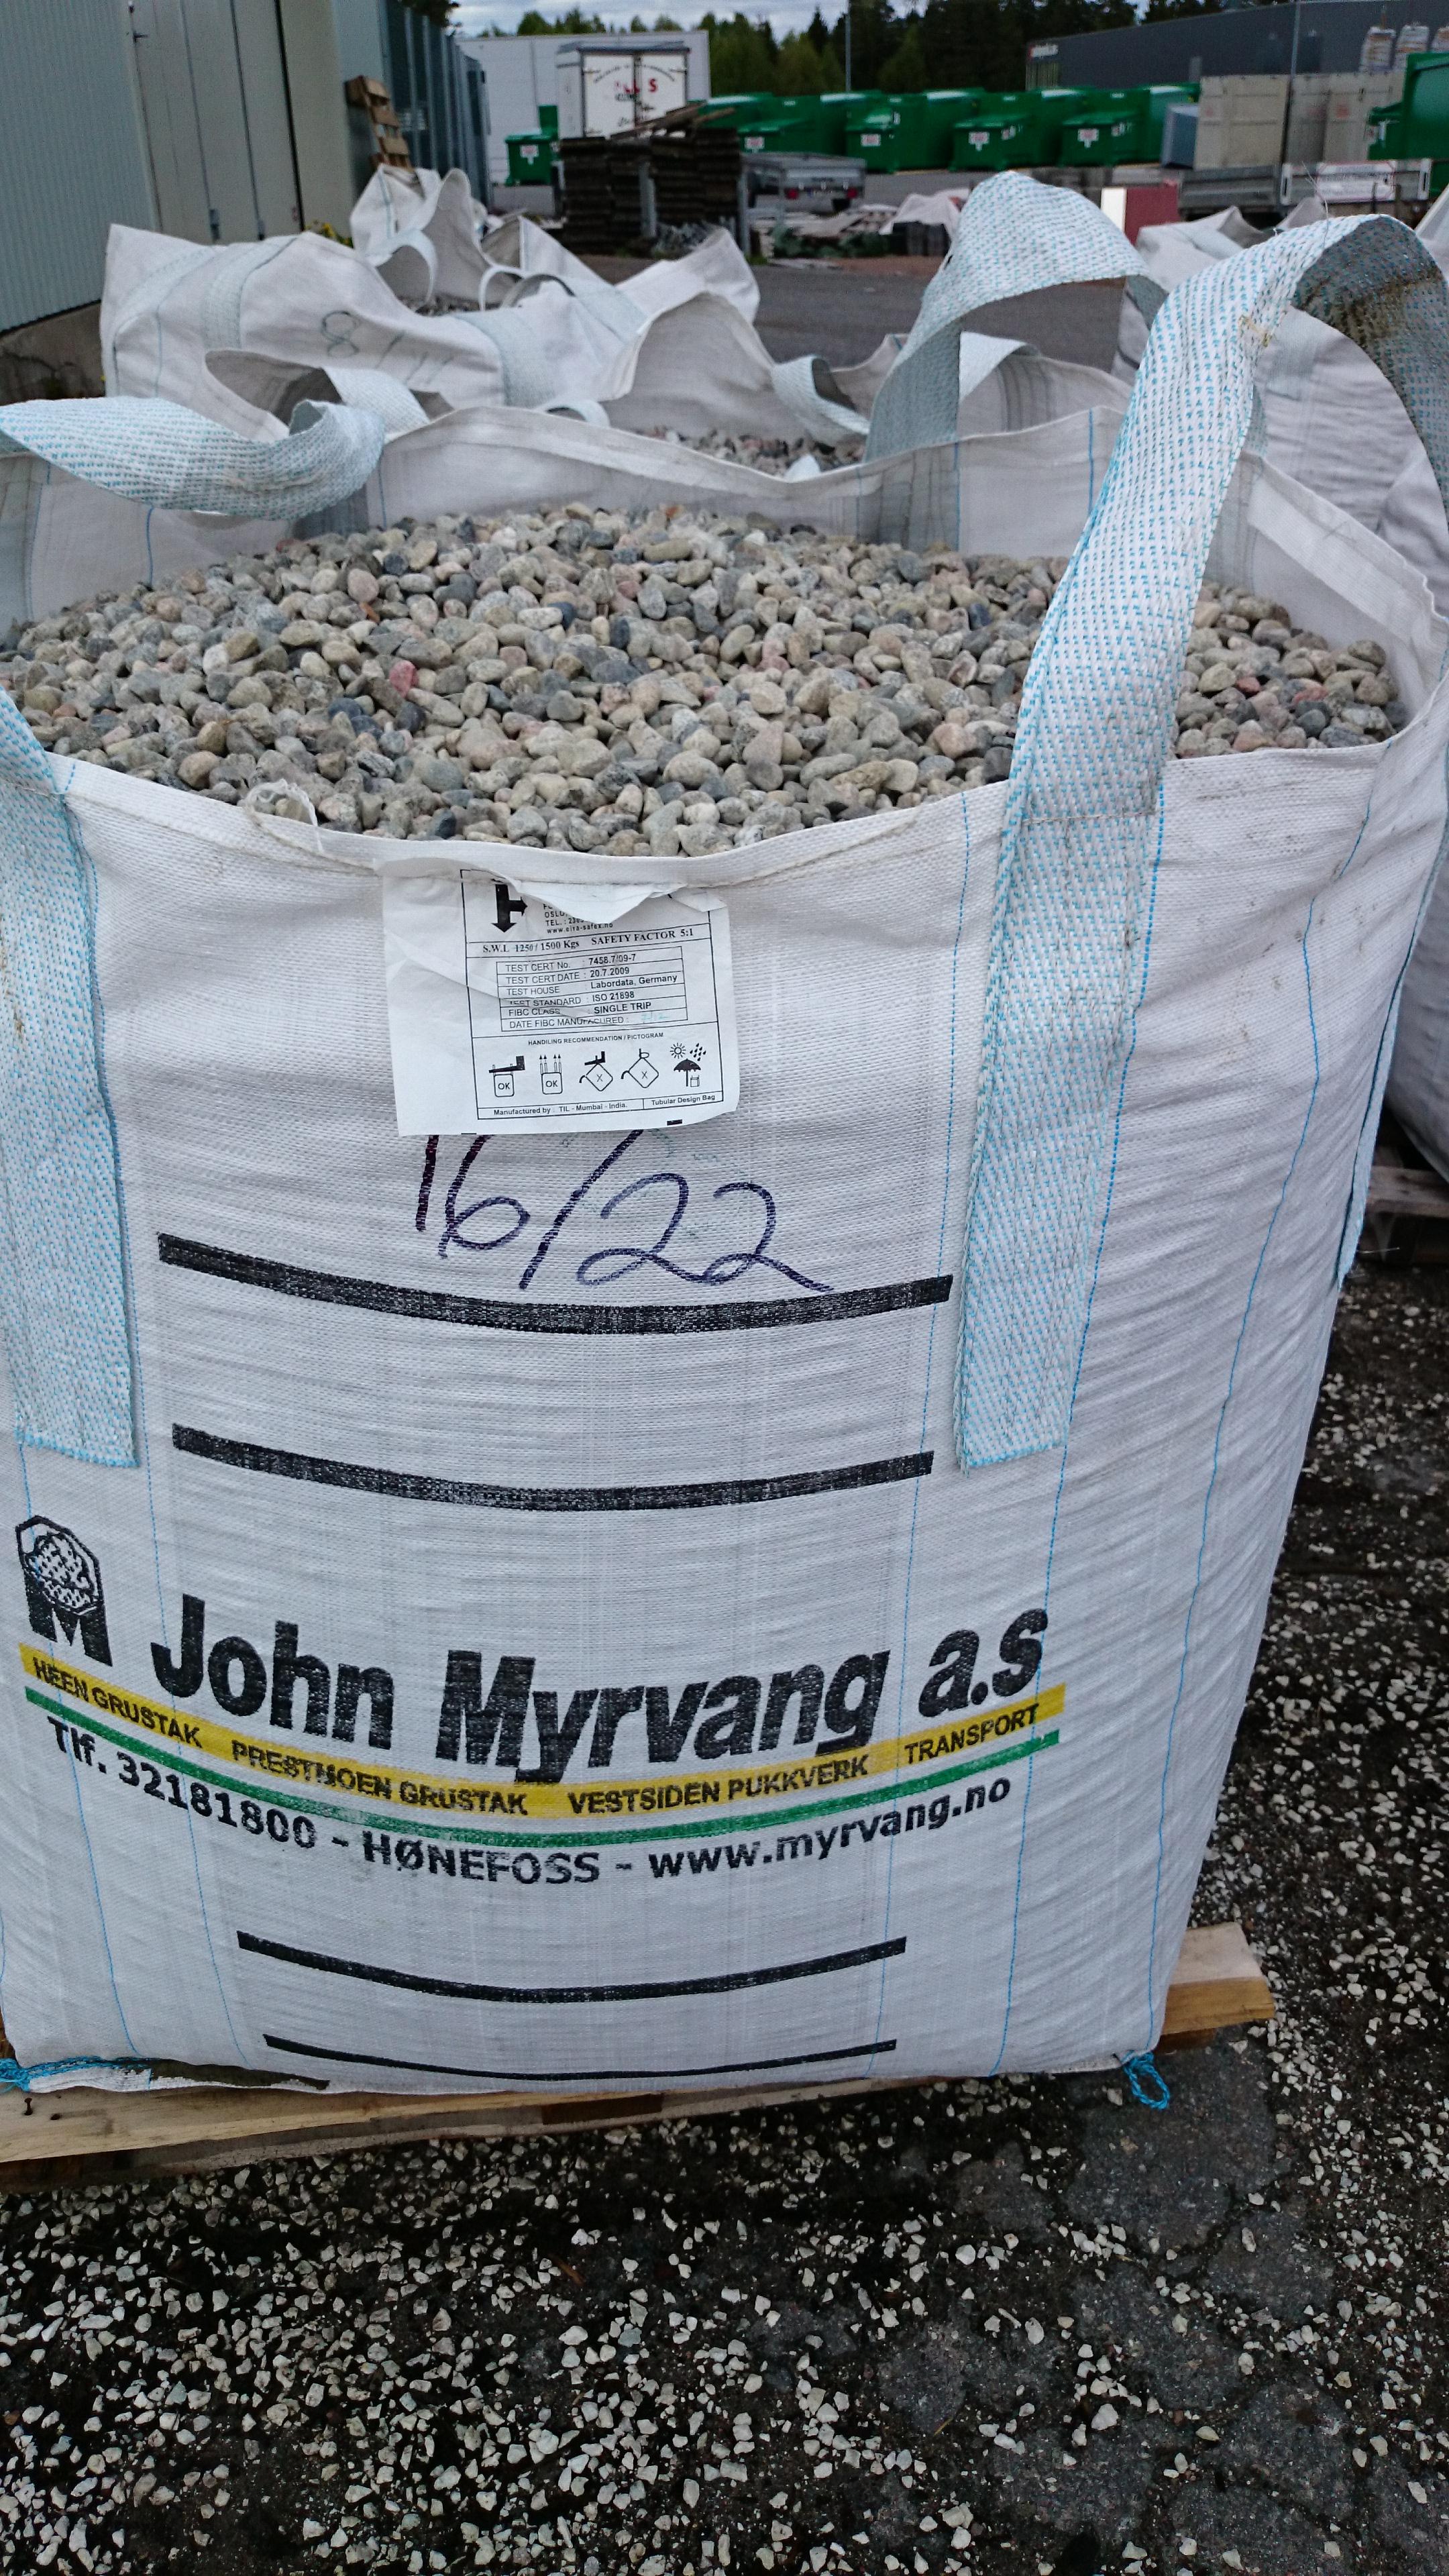 5711a27e4 Myrvang-16-22 - SUNDLAND TORV OG JORD AS